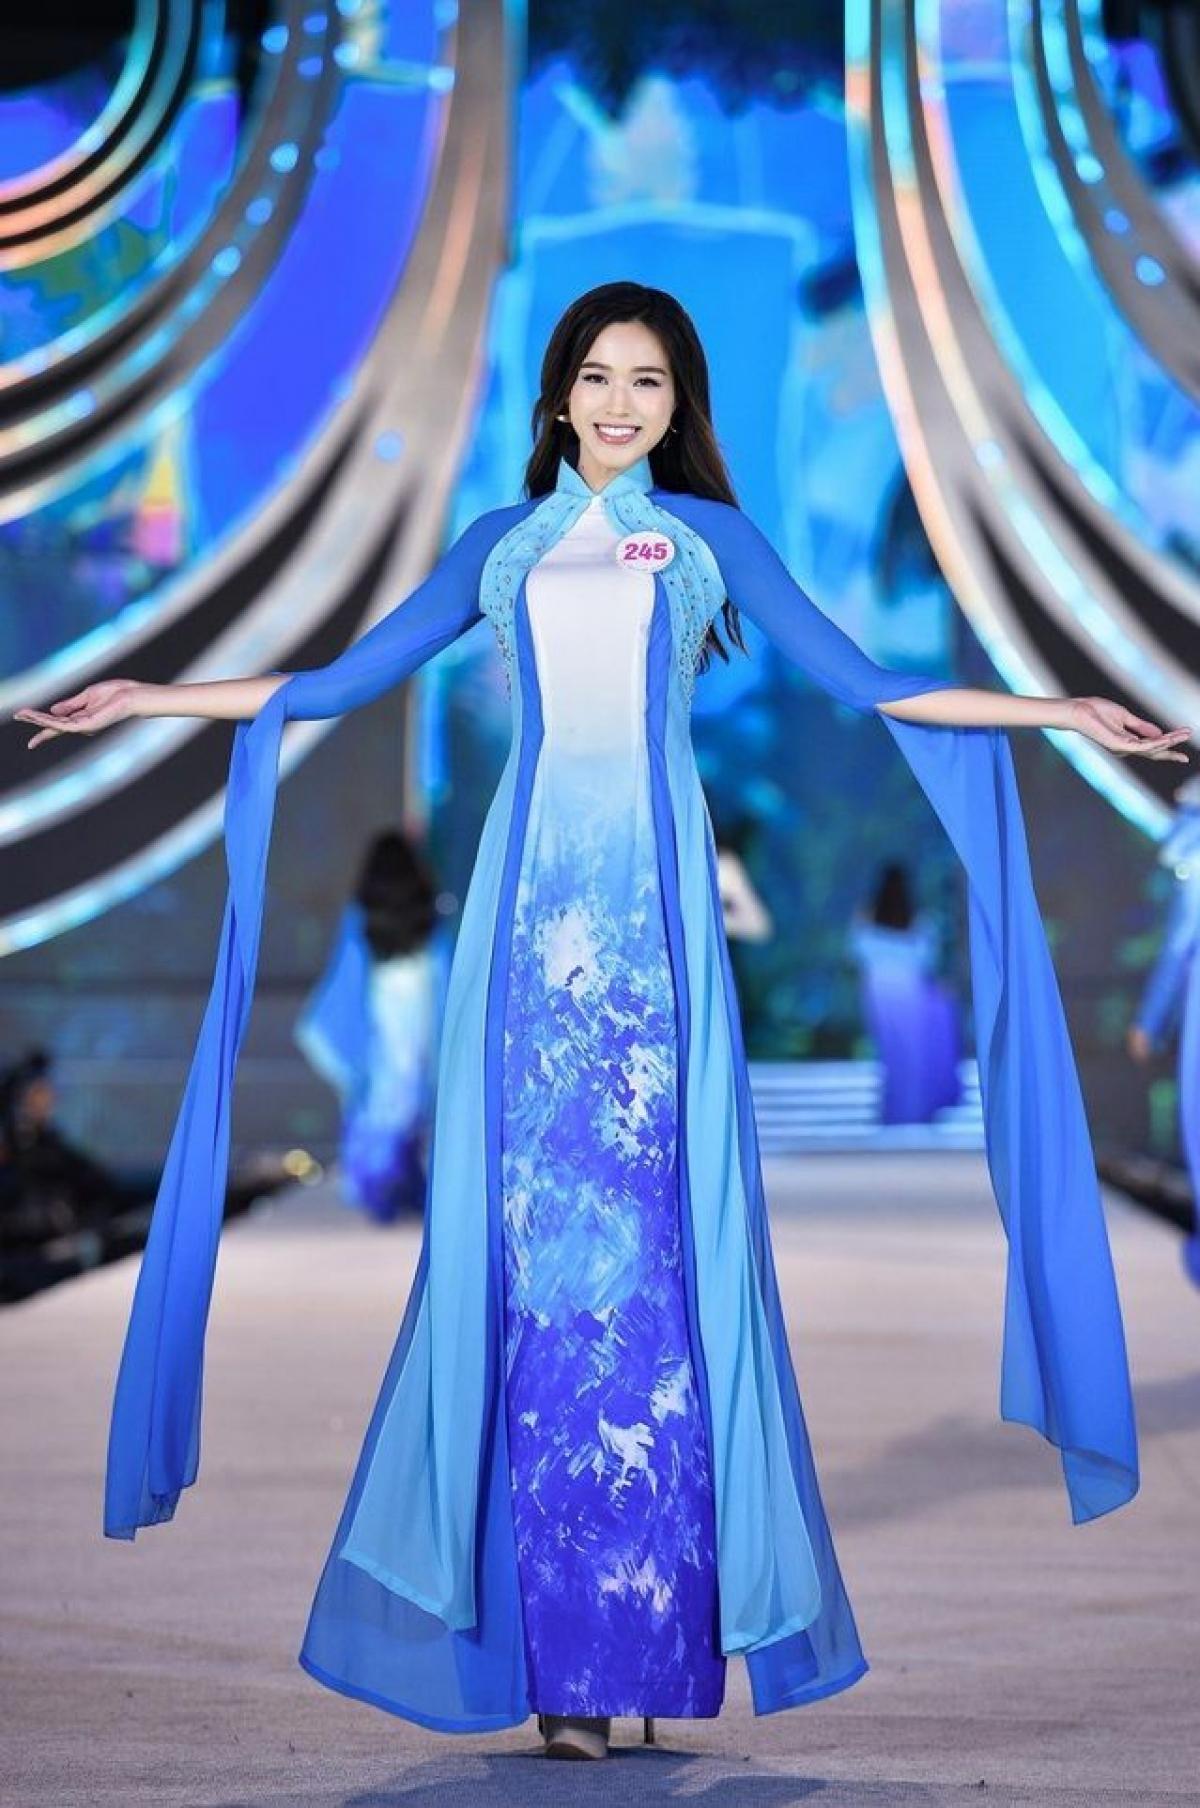 Trước khi đến với Hoa hậu Việt Nam 2020, Đỗ Thị Hà đã từng vào top 40 Hoa khôi Sinh viên Việt Nam.